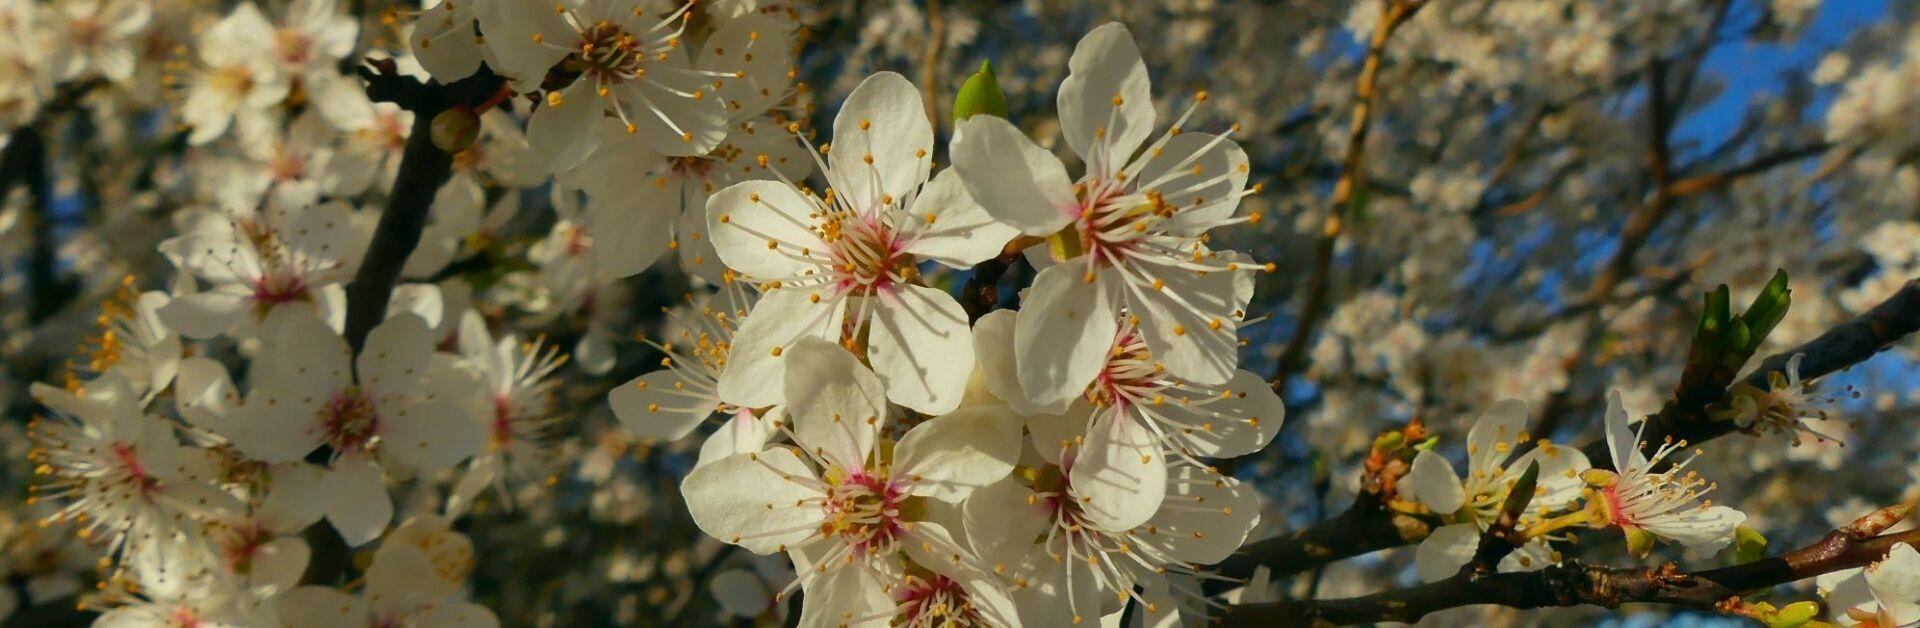 Buckower Blüten (c) Stefan Nitsche